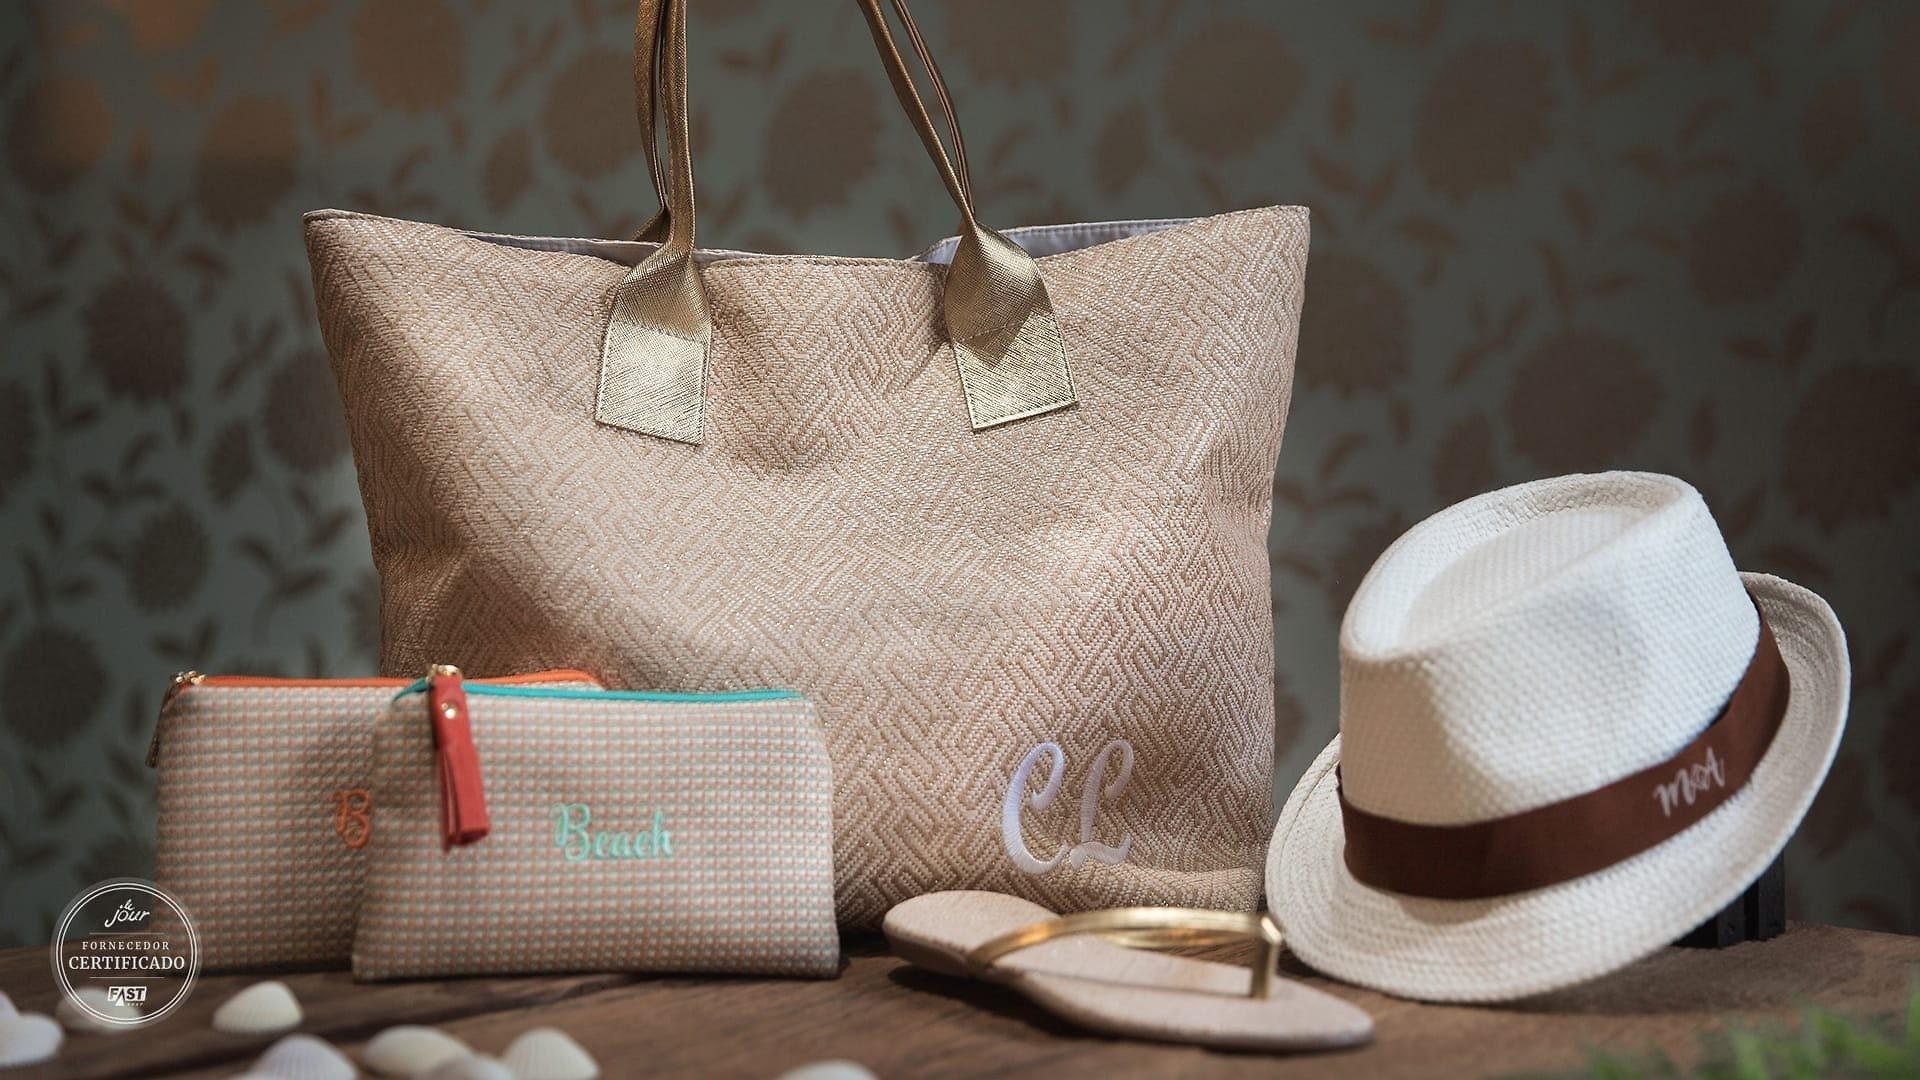 nécessaire, bolsa, rasteirinha e chapéu personalizados